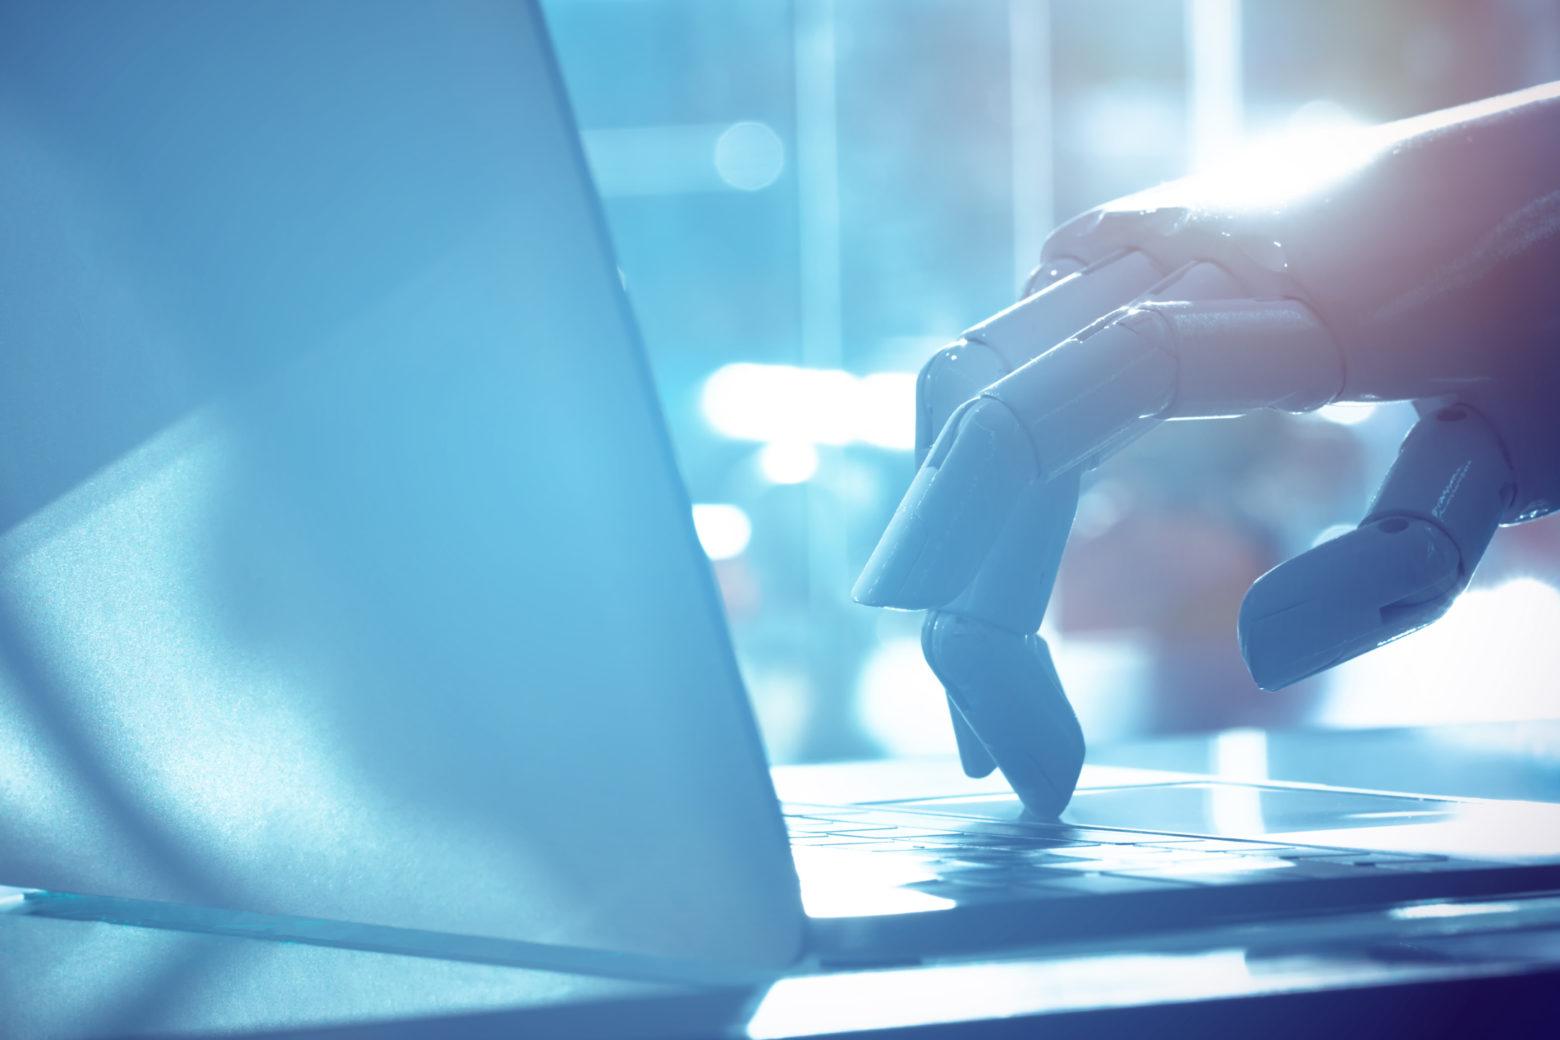 Künstliche Intelligenz: Chatbots für Unternehmen